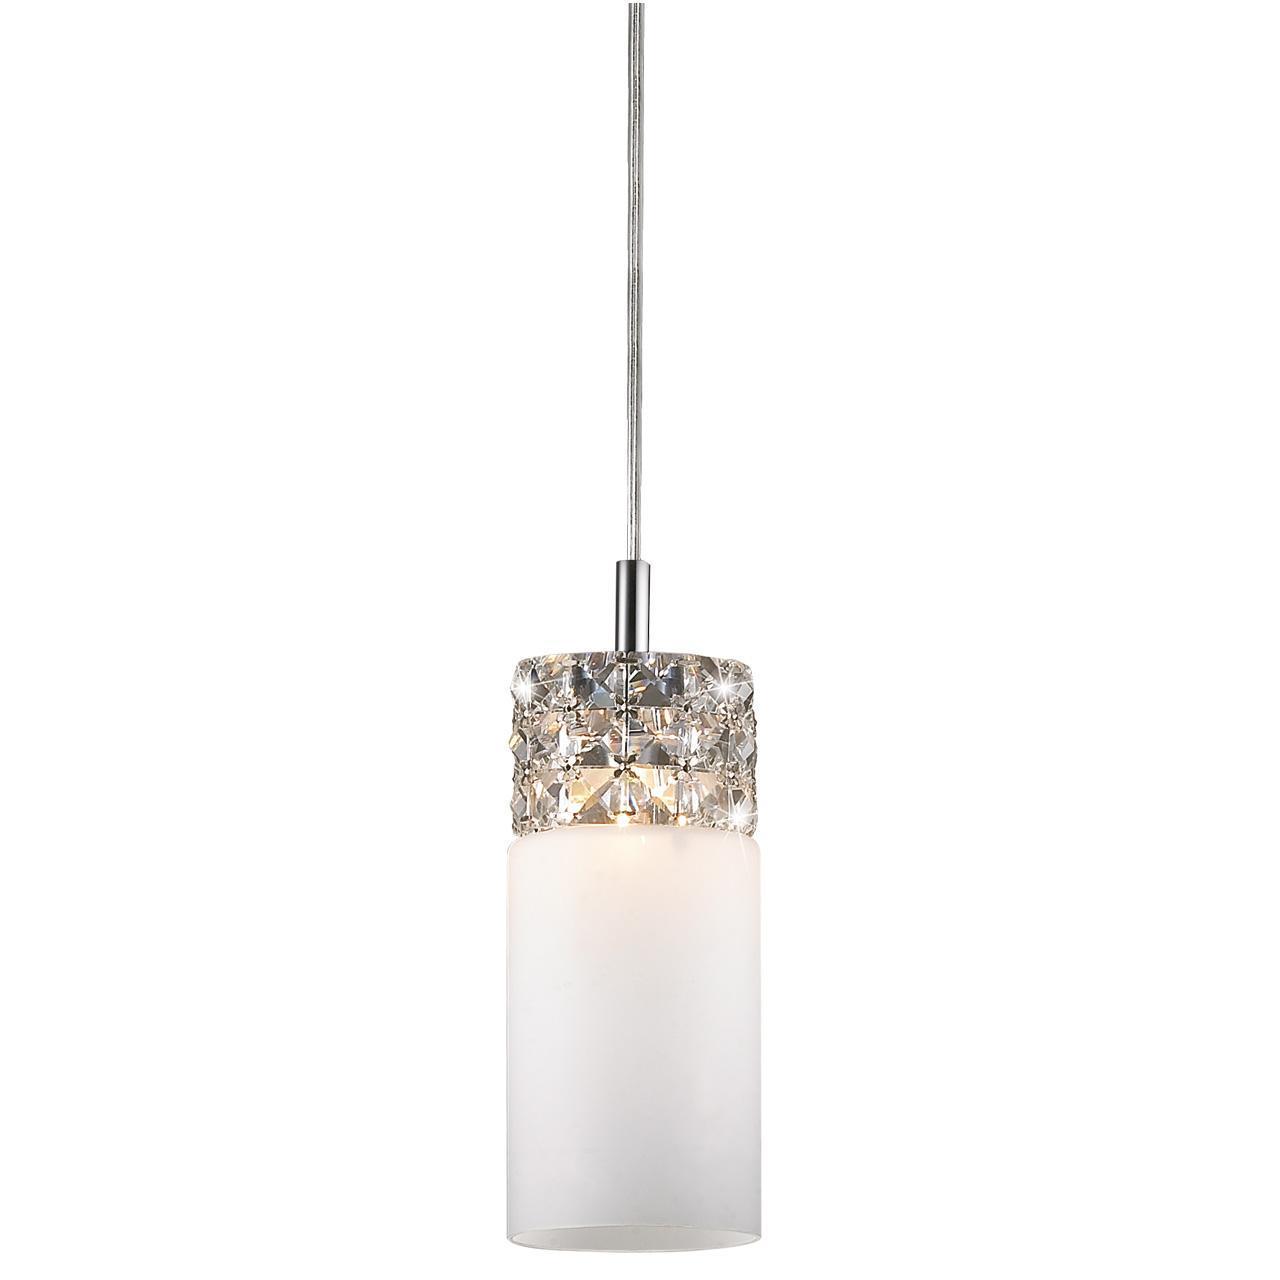 Подвесной светильник Odeon Light Ottavia 2749/1 все цены